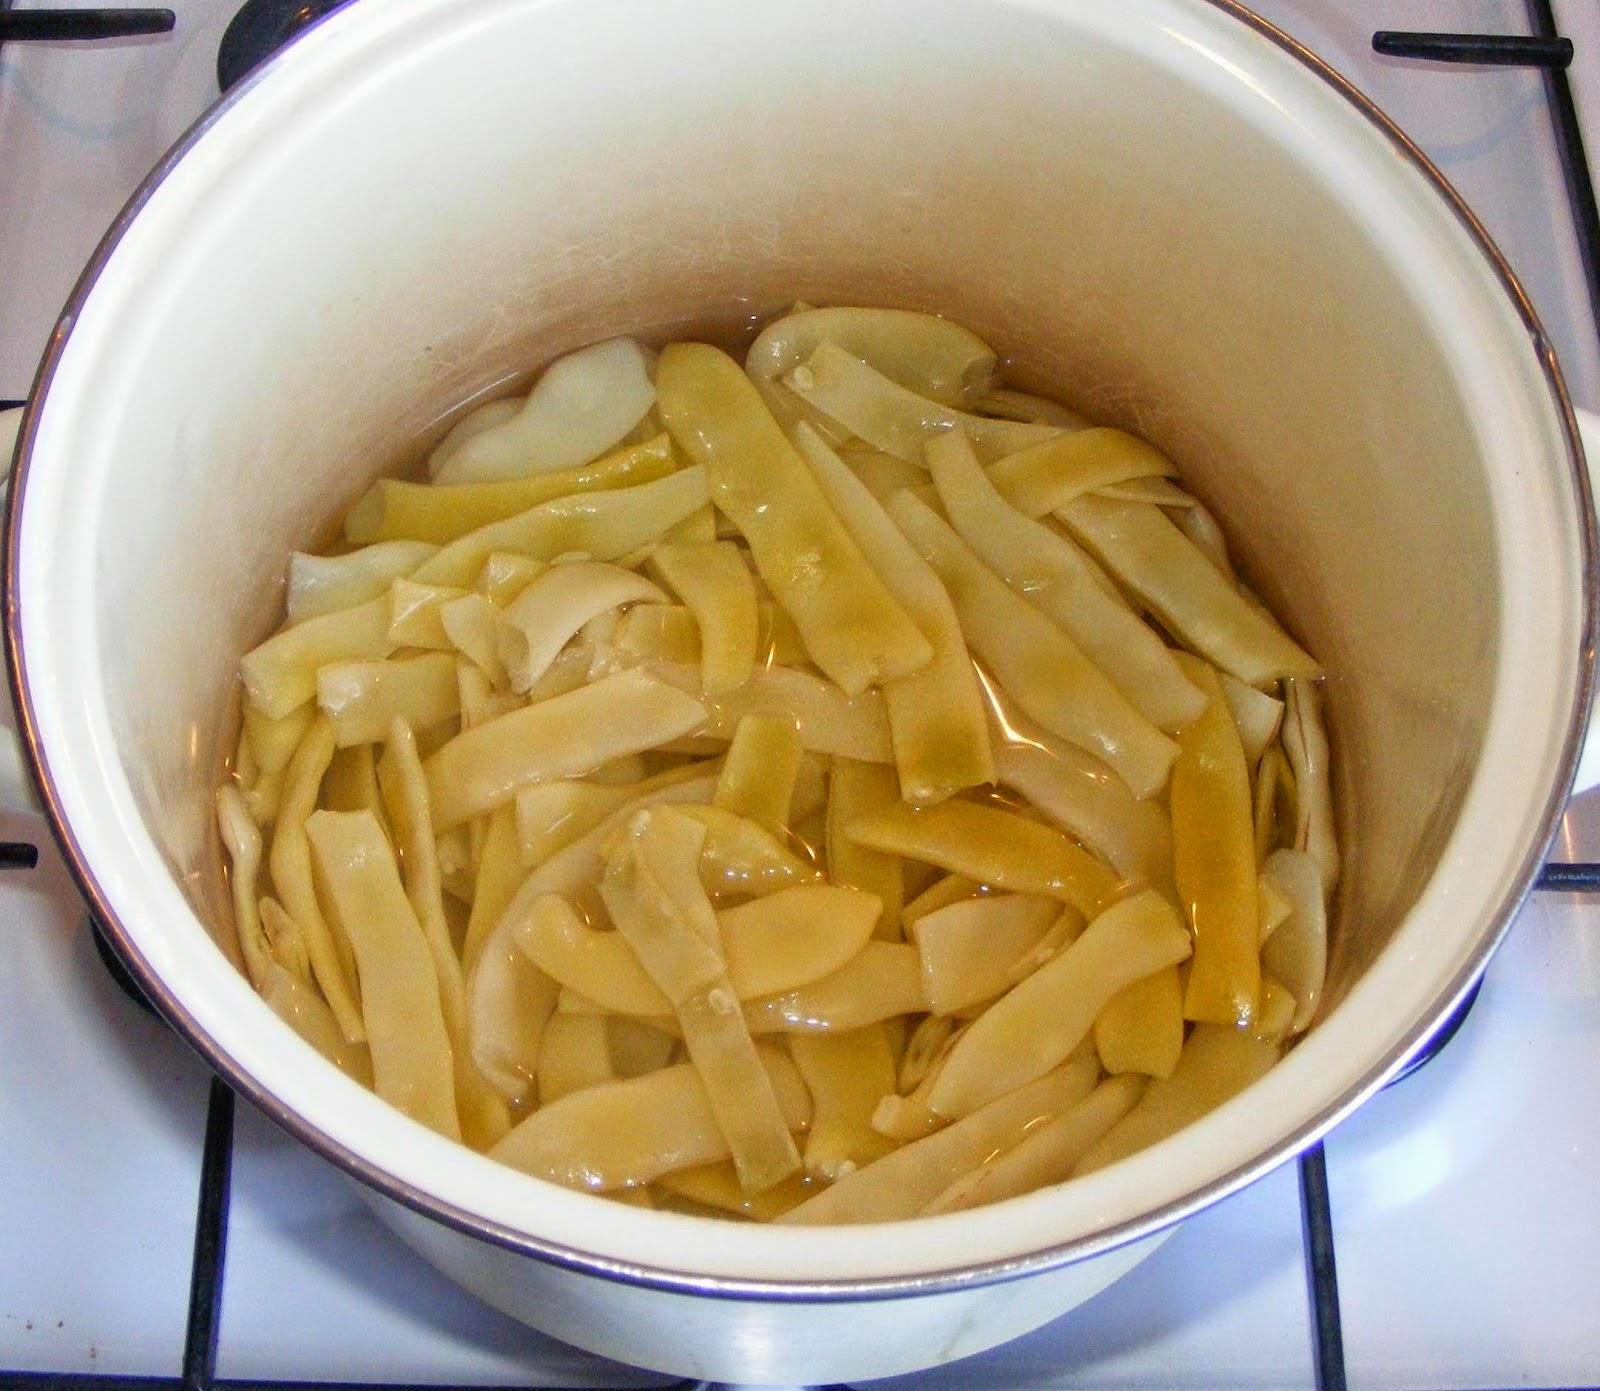 retete si preparate culinare cu fasole verde, fasole pastai, fasole verde, preparare salata de fasole verde, preparare salata de fasole pastai, fasole verde fiarta,